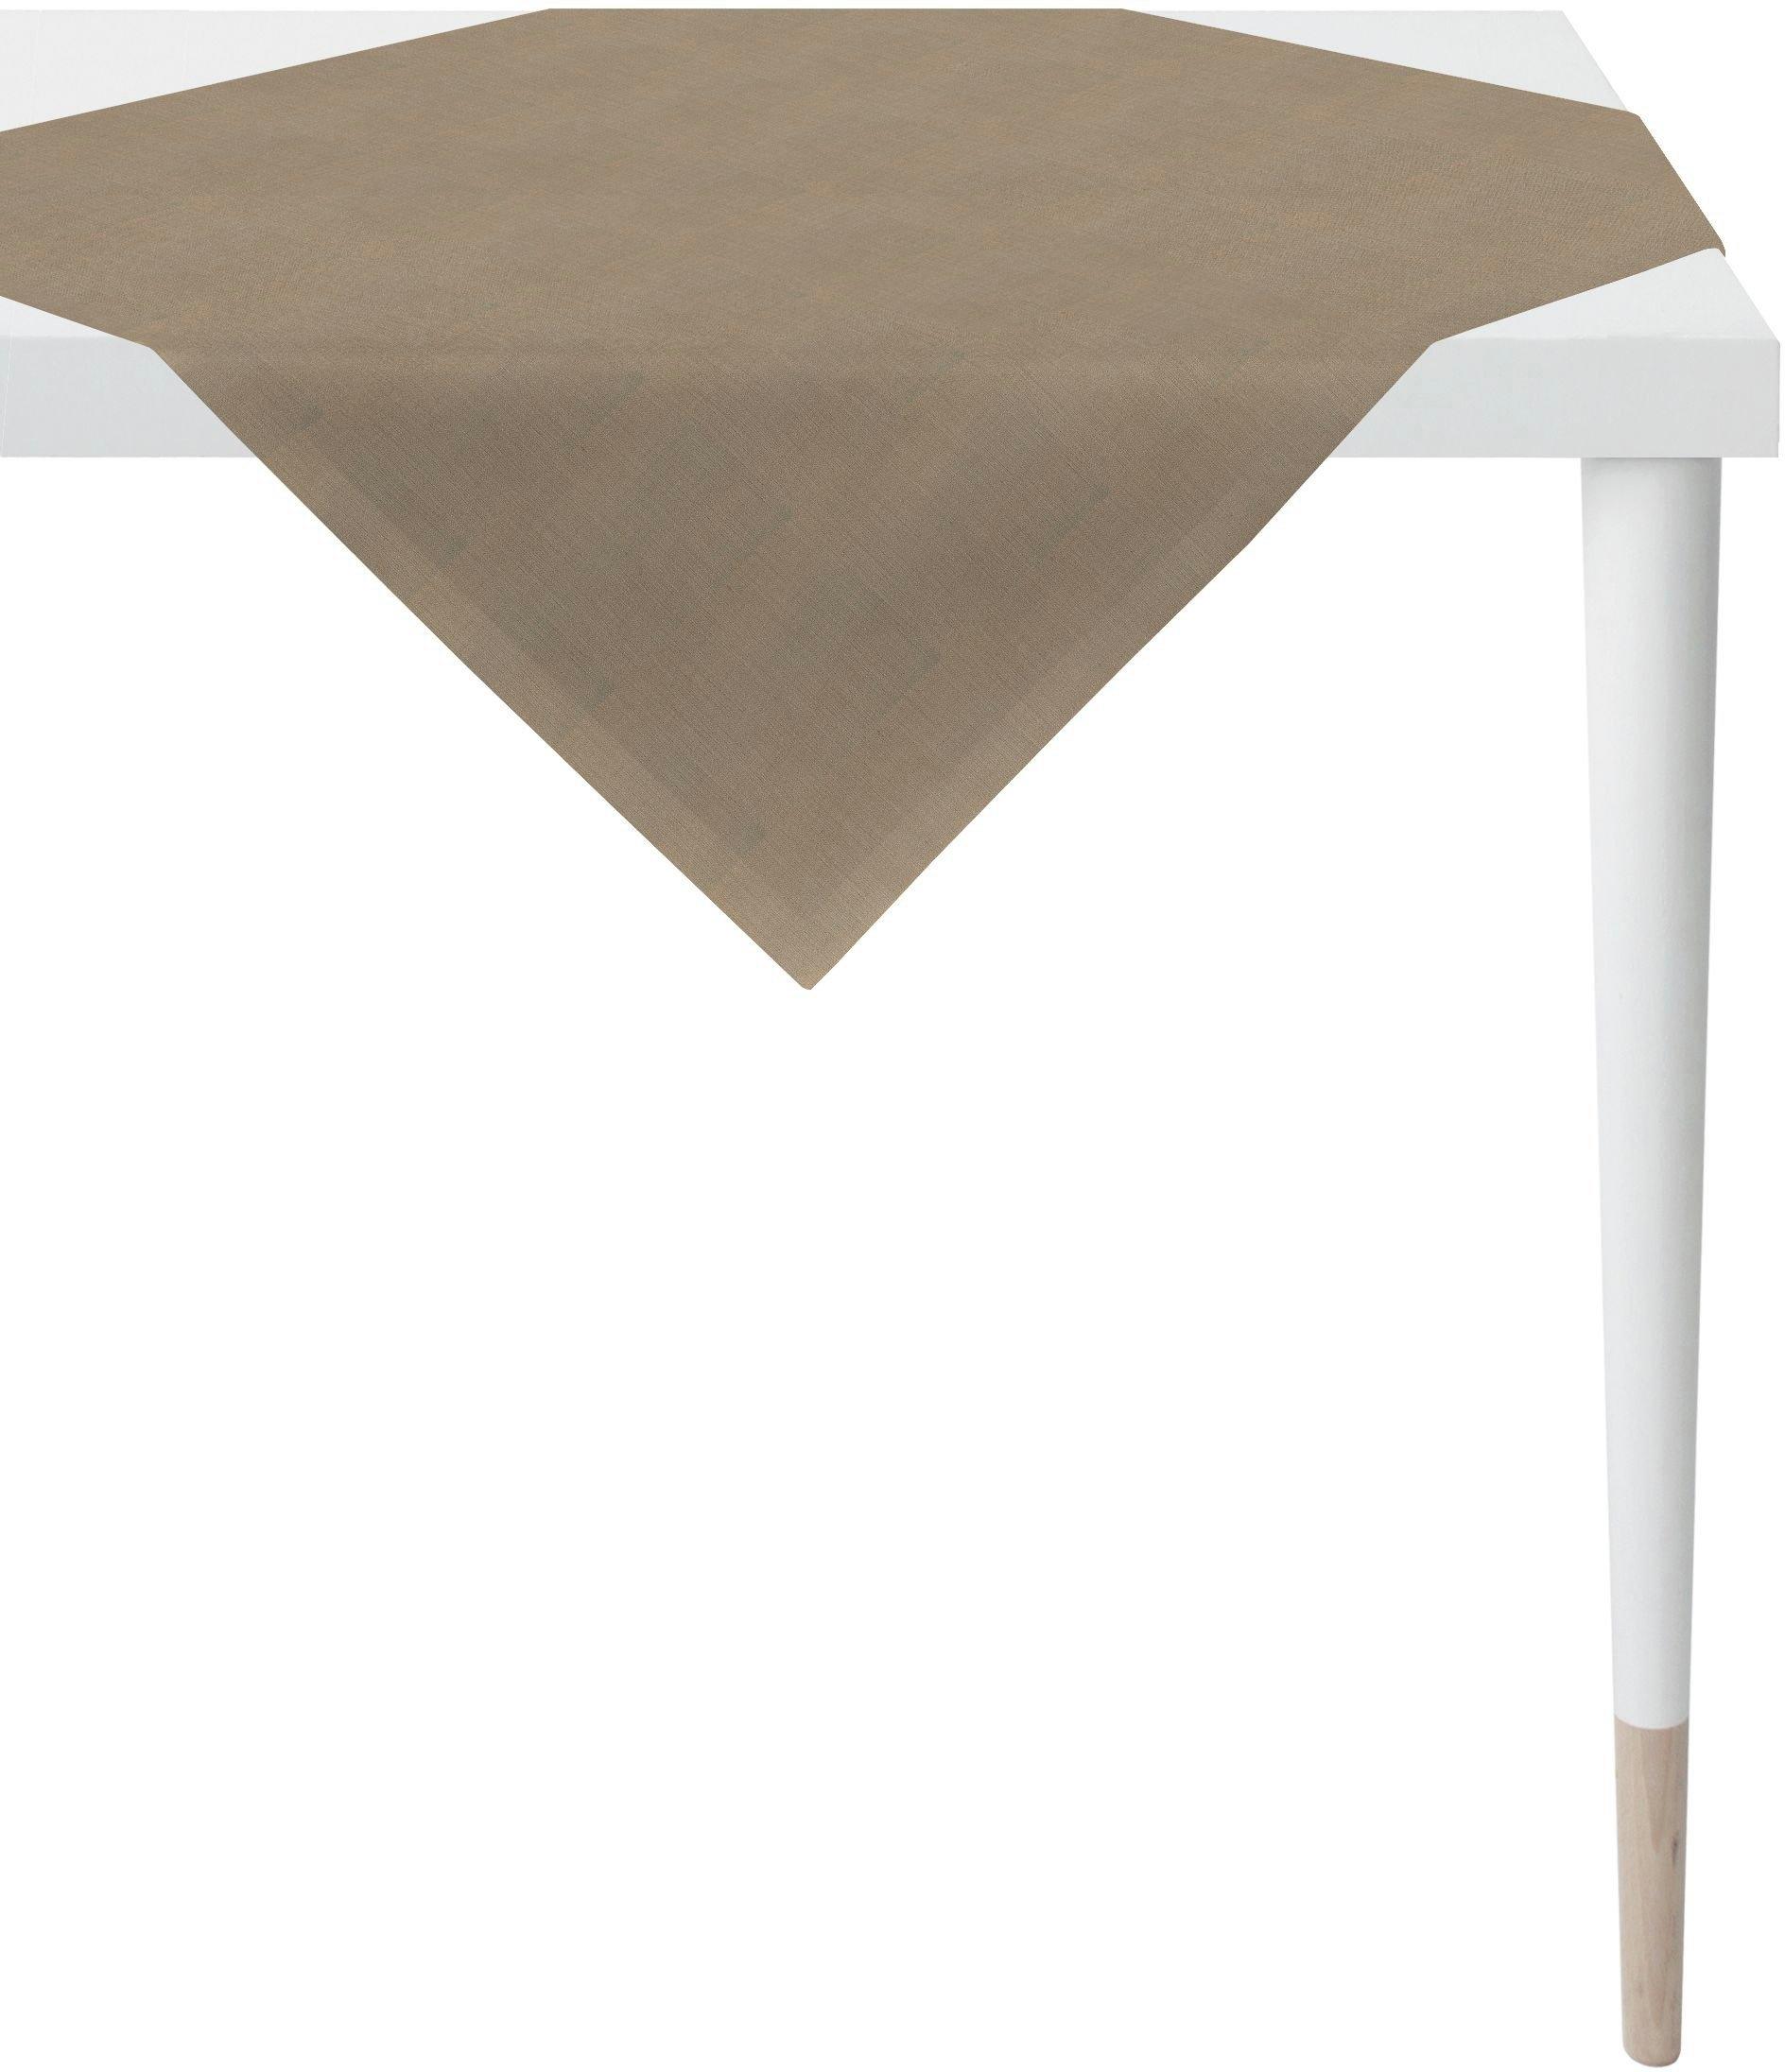 APELT topkleedje Apart, LOFT STYLE uni-basic (1 stuk) voordelig en veilig online kopen